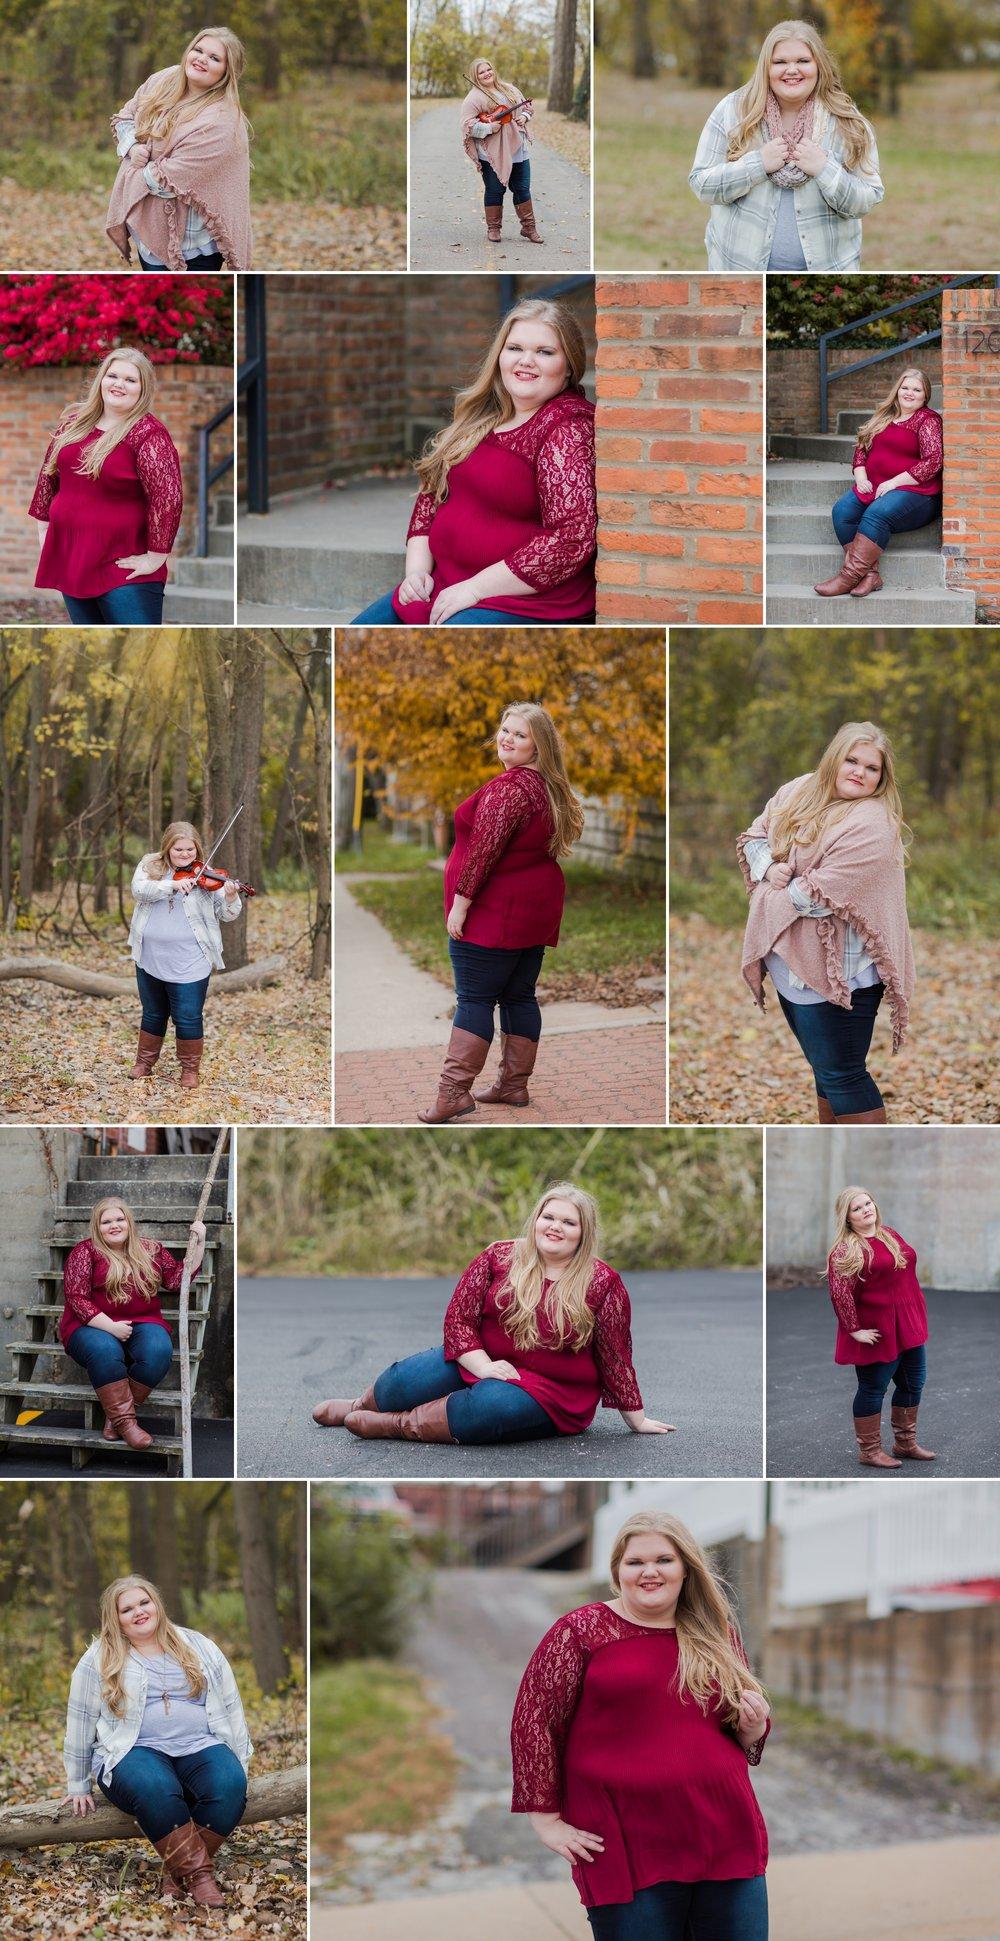 senior_photography_photographer_washington_mo_riverfront_downtown_girl_ideas_poses_st_louis_missouri_modern_senior_timeless 1